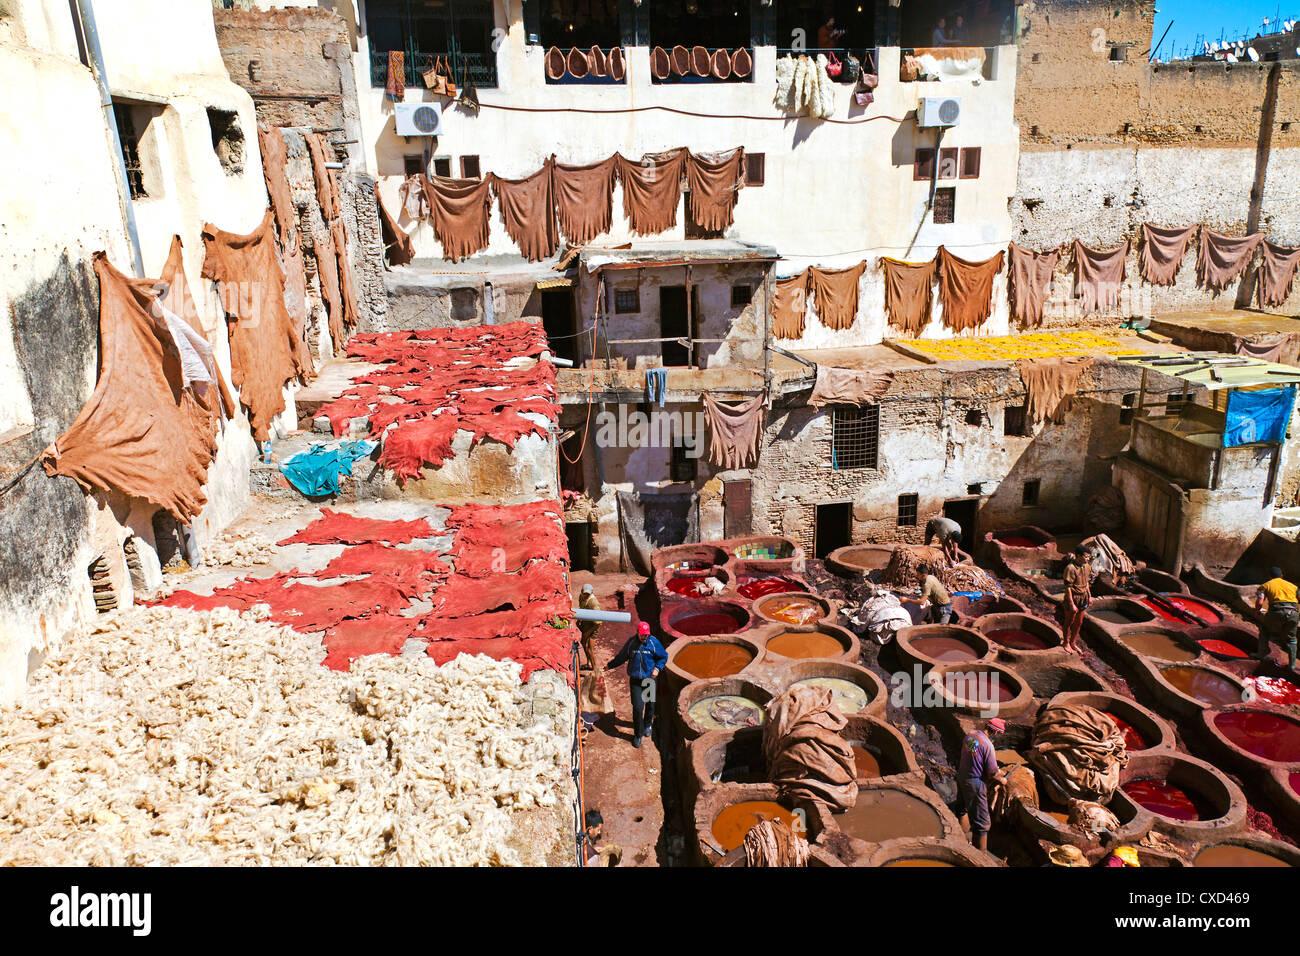 Chouwara traditionelle Leder Gerberei in alten Fes, Bottiche für Gerben und Färben von Leder Häute Stockbild